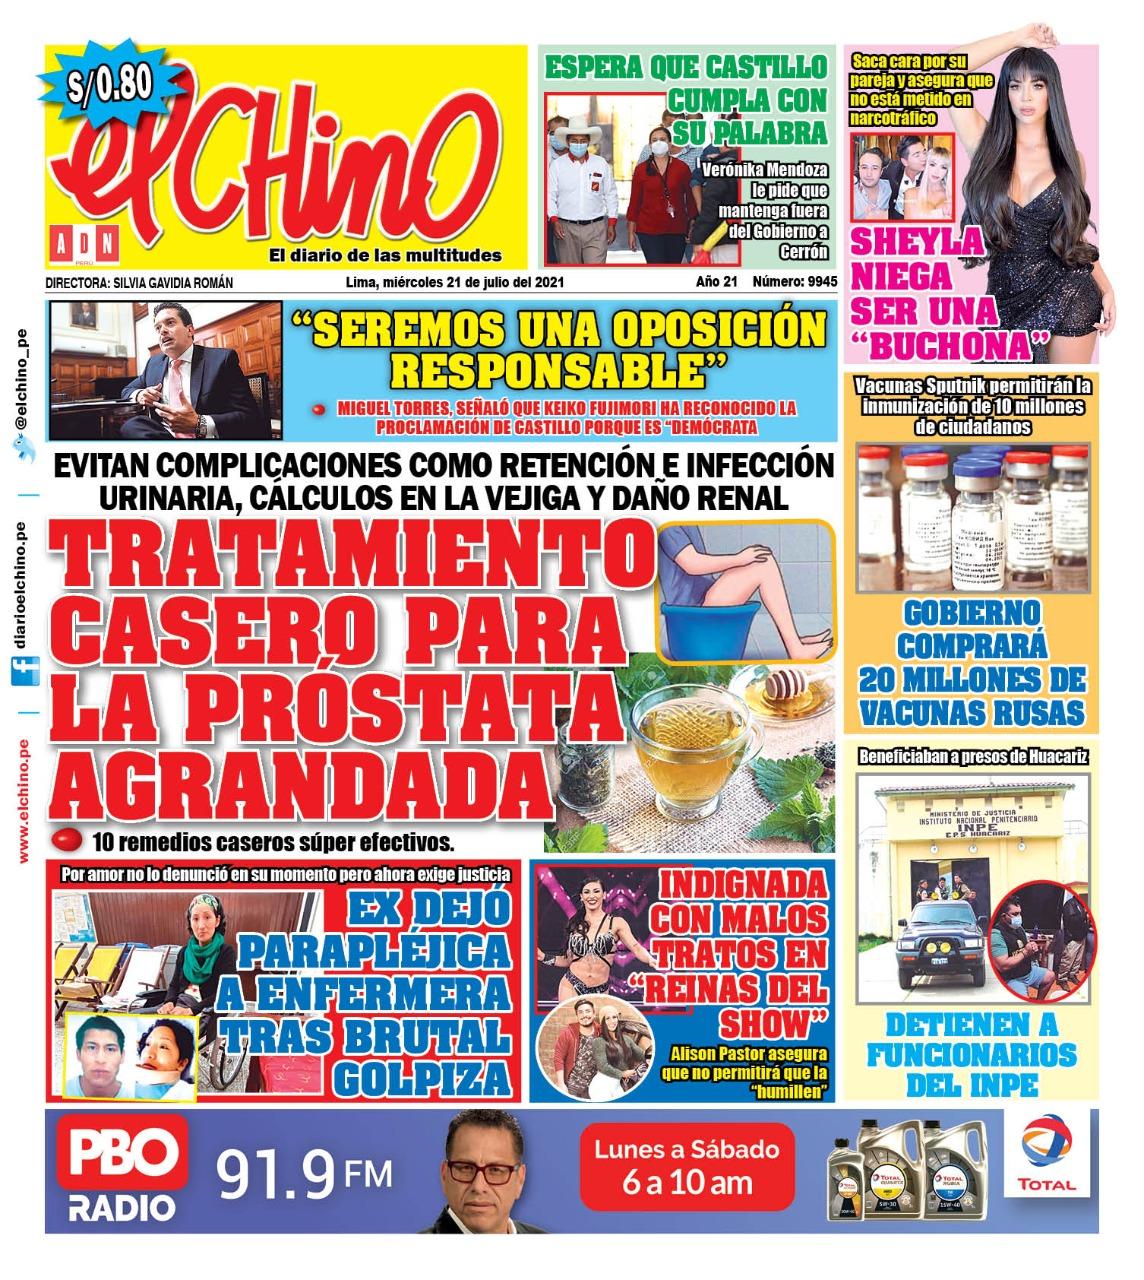 Portada impresa – Diario El Chino (21/07/2021)